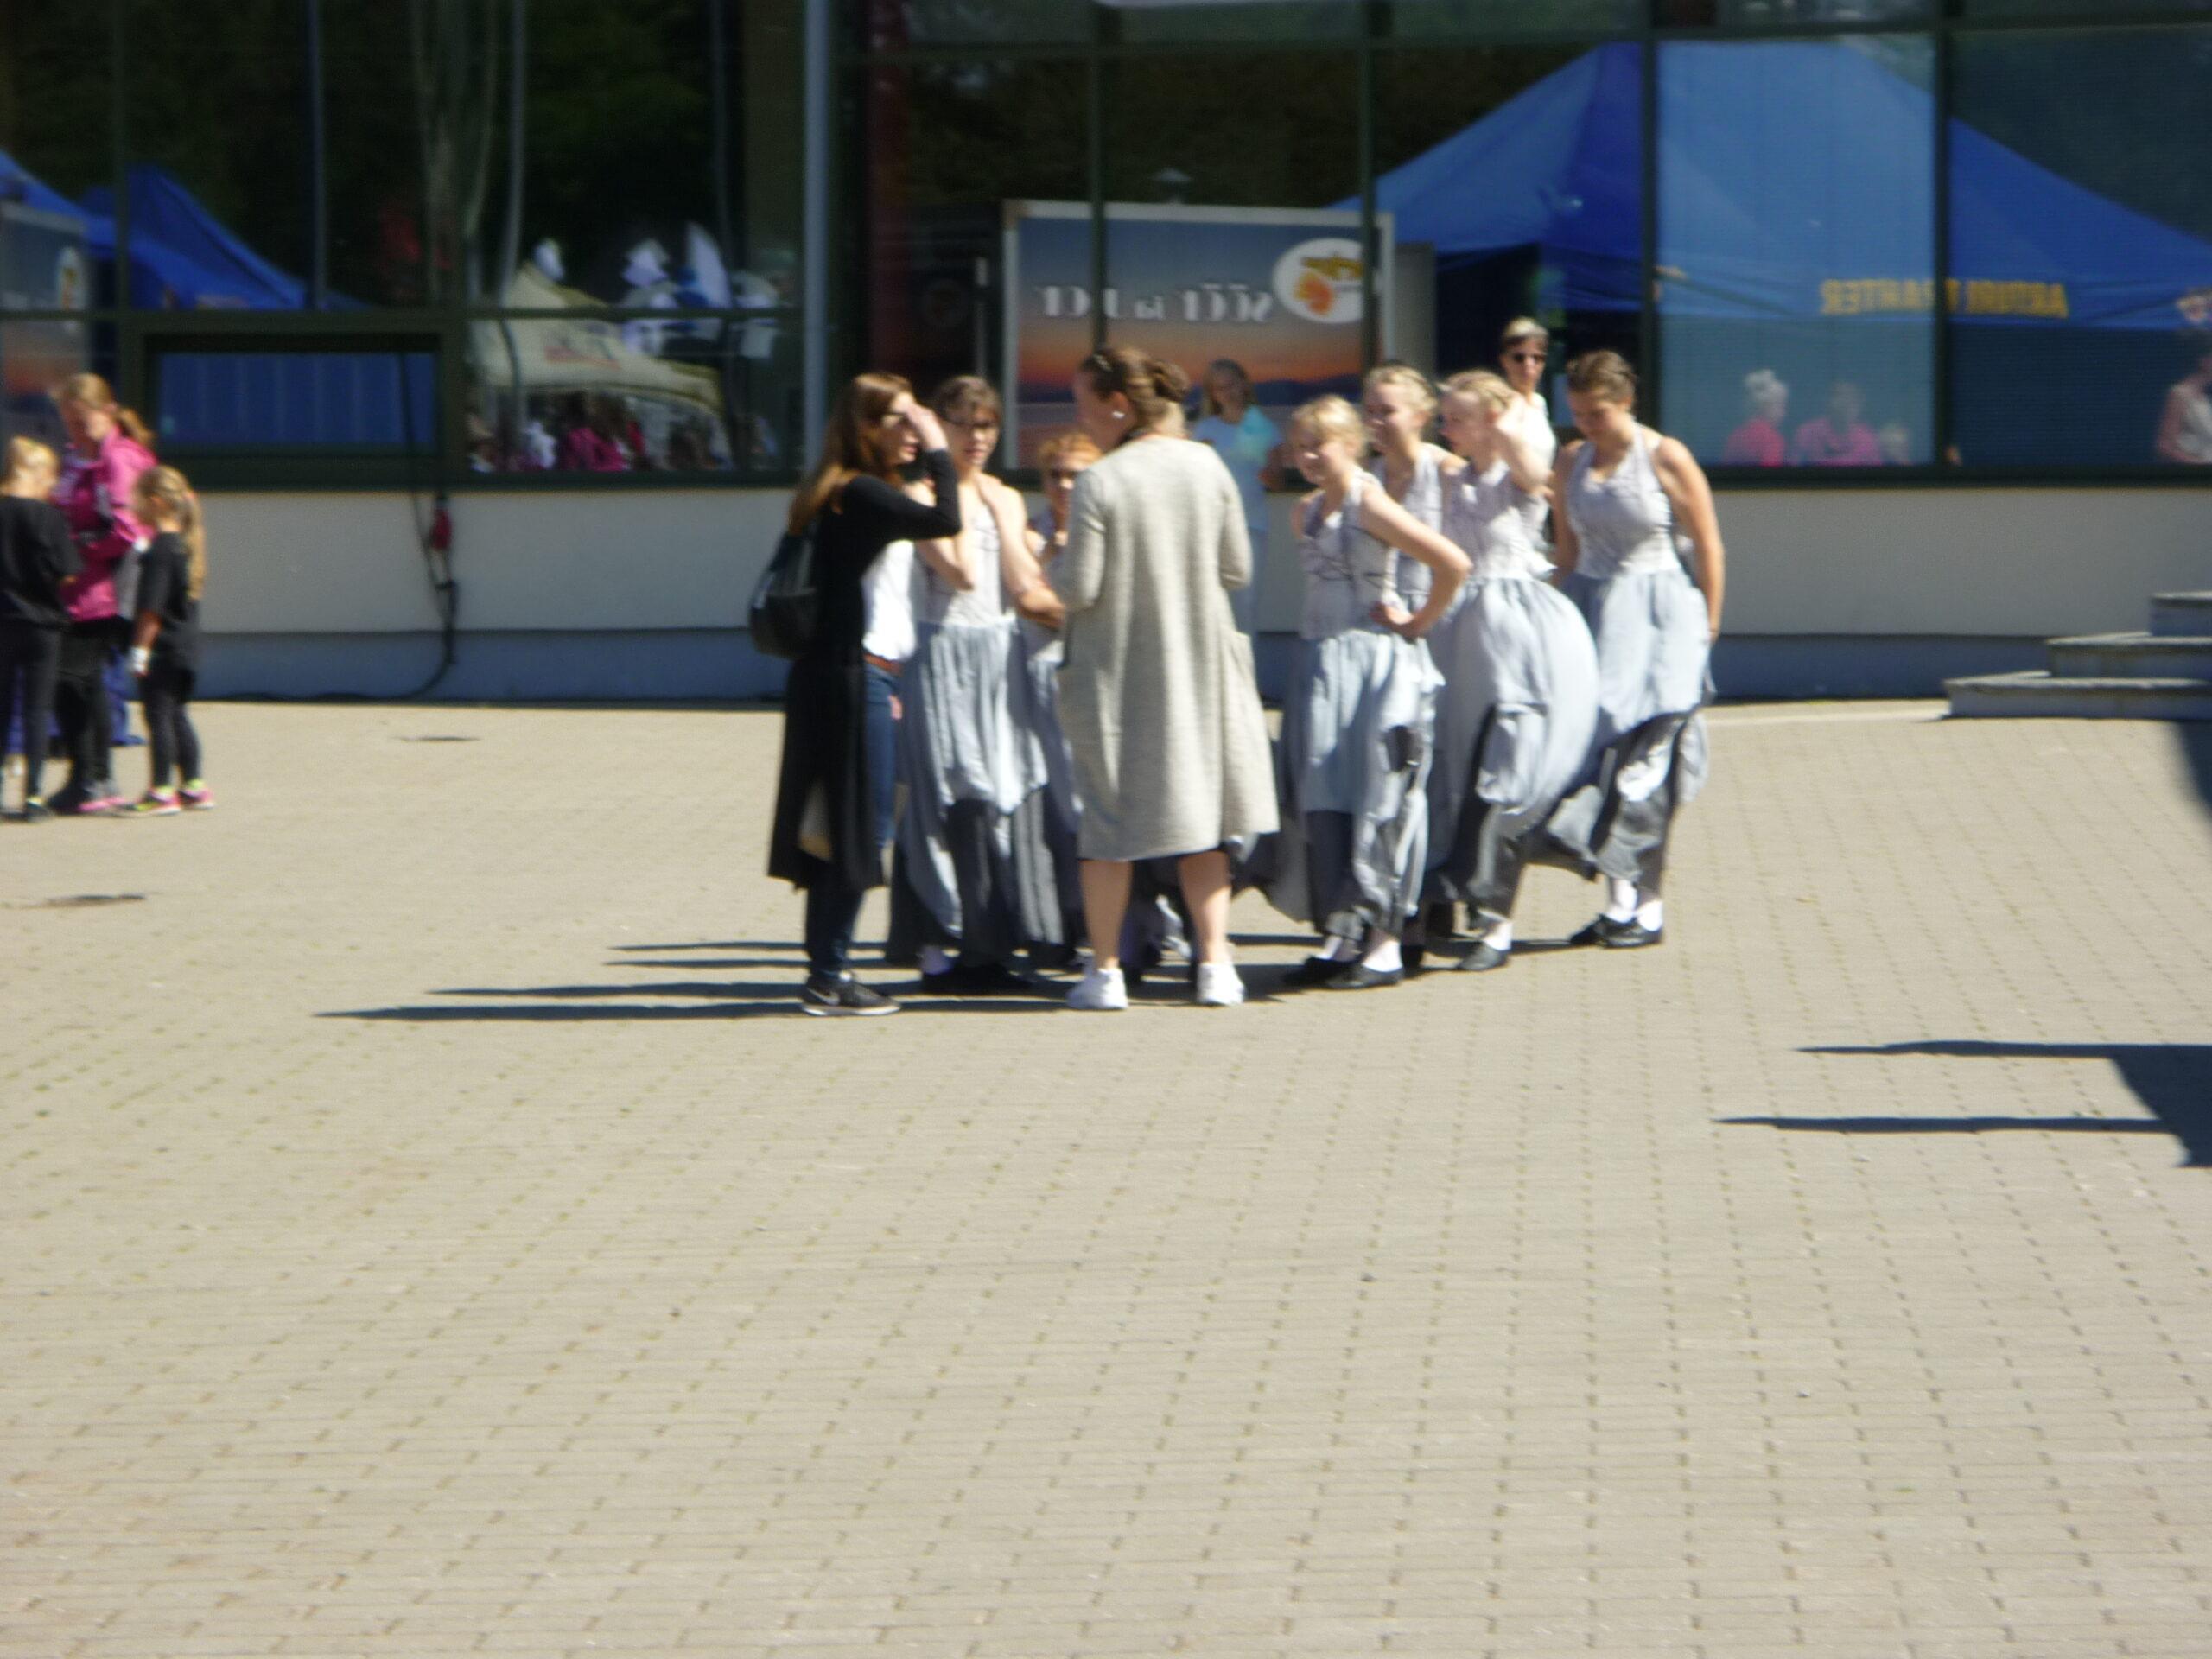 Nurmijärvi neidude koor Laululuiged 1 (5)